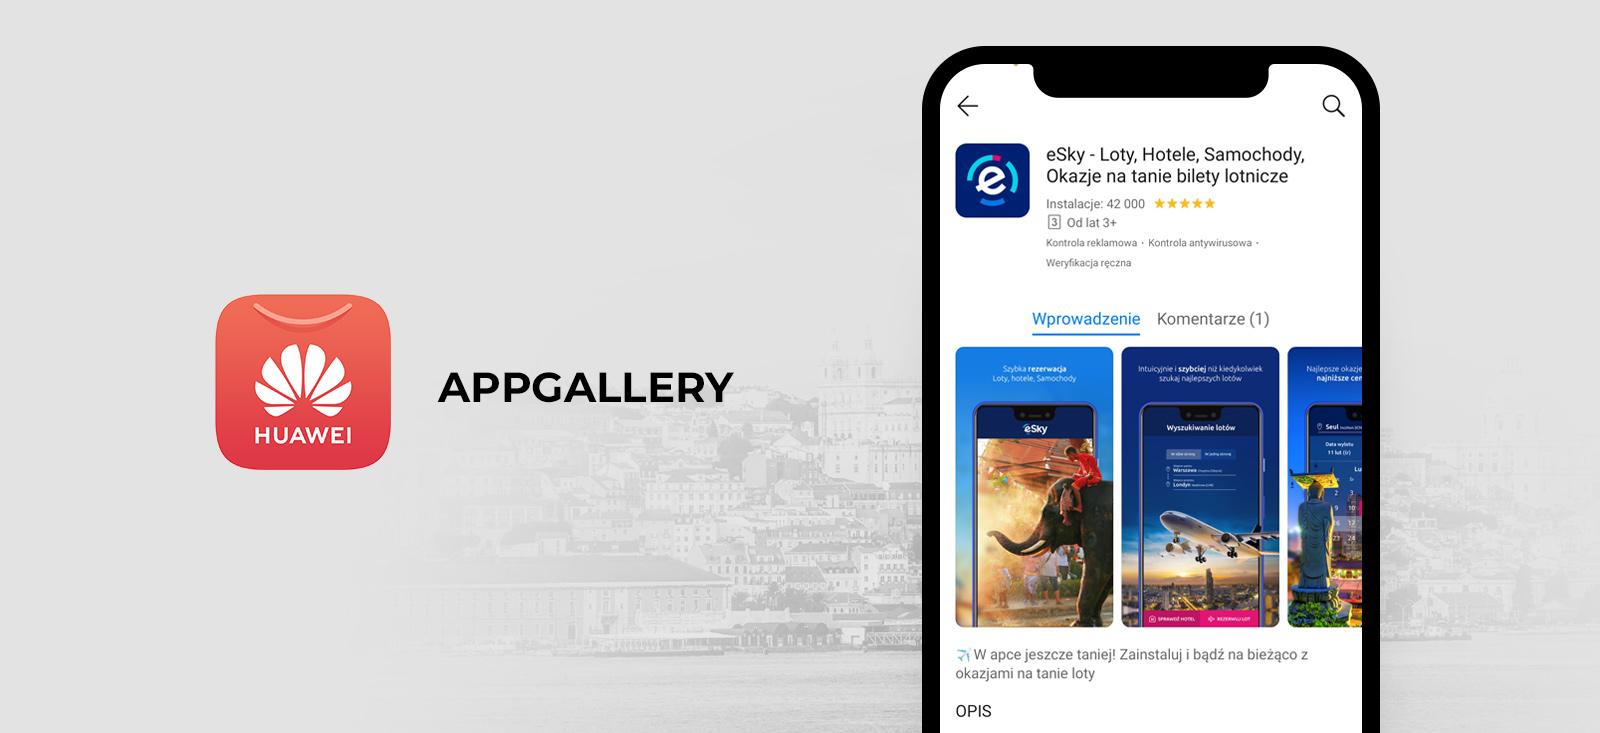 eSky zaproszony do współpracy  z Huawei w celu integracji aplikacji mobilnej z nowym asystentem